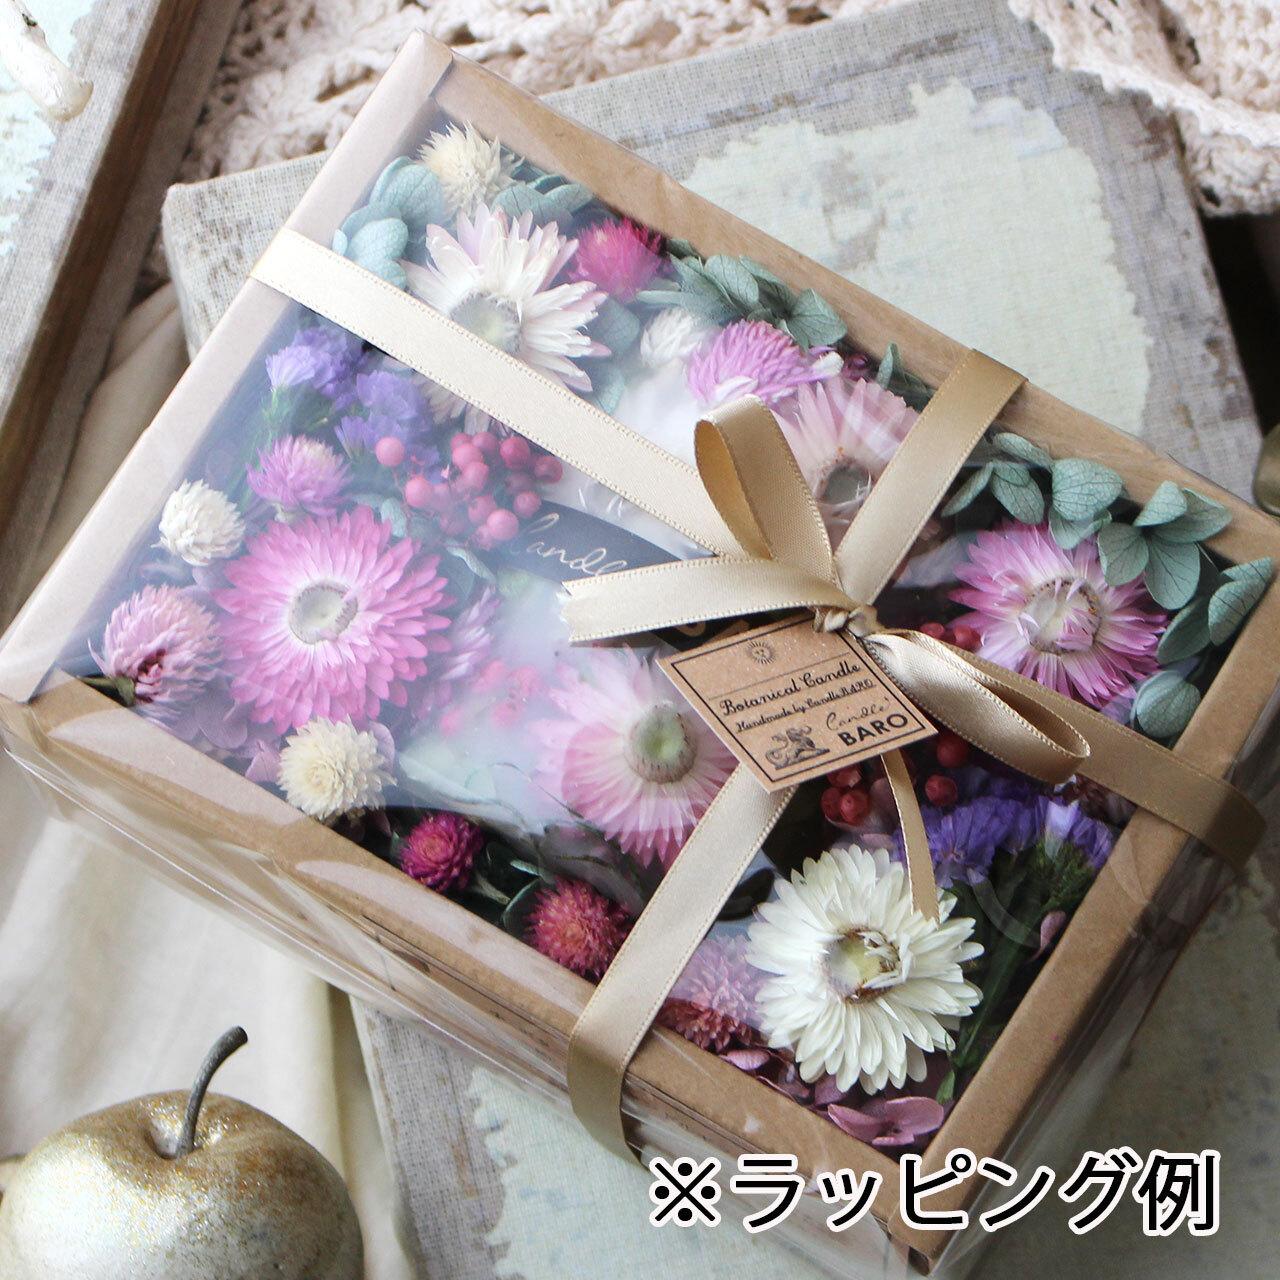 H510 透明ラッピング&紙袋付き☆ボタニカルキャンドルギフト フルーツヘリクリサム